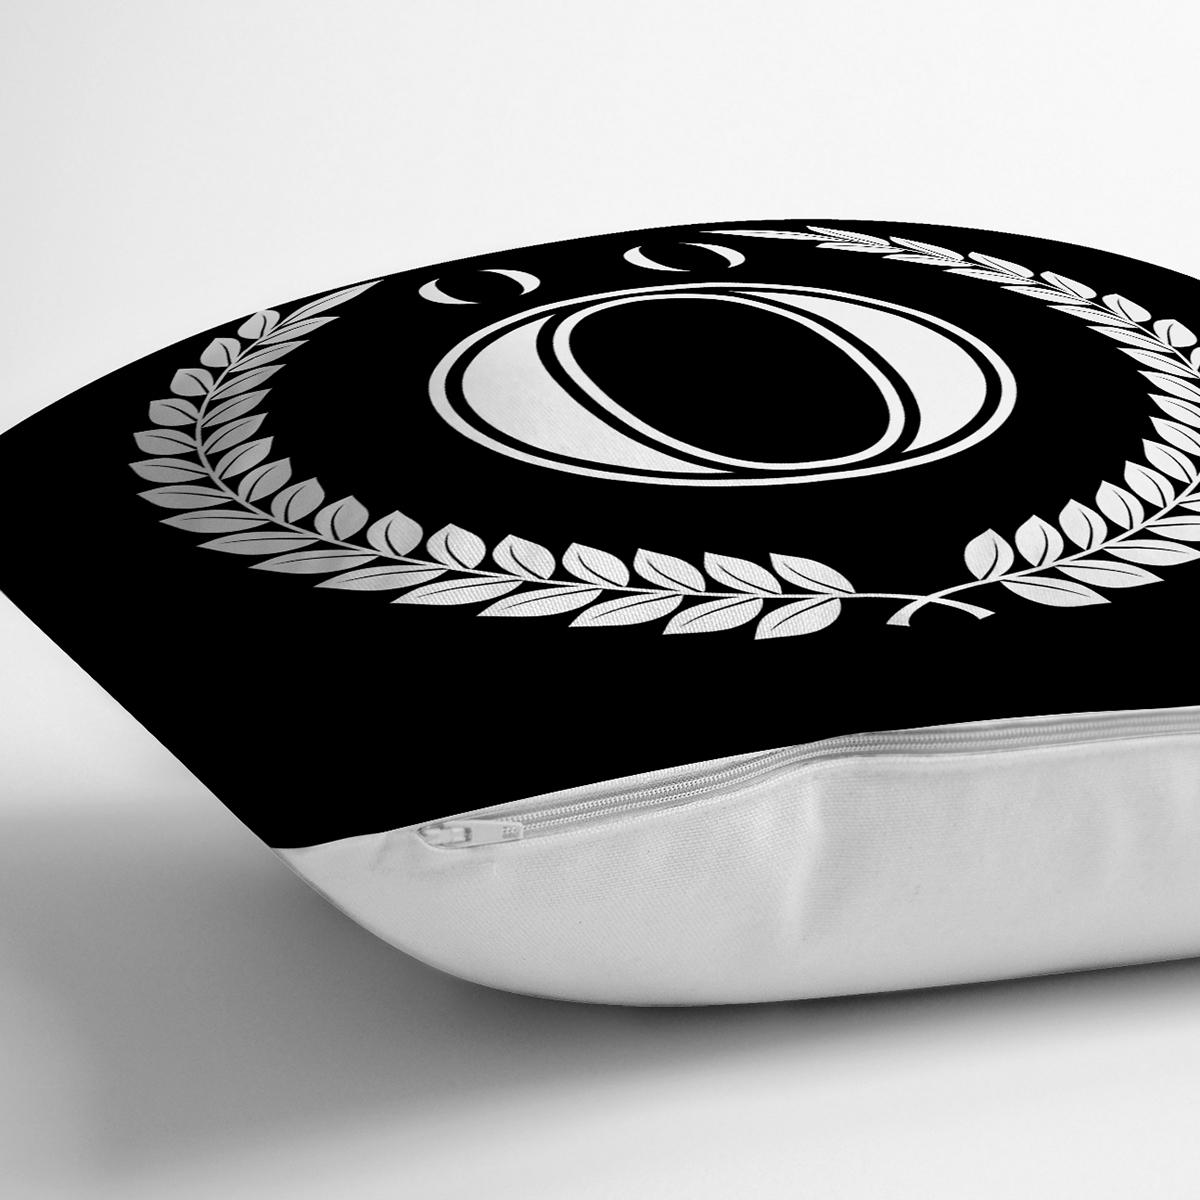 Siyah Beyaz Çelenkli Ö Harfi Özel Tasarım Dijital Baskılı Yastık Kırlent Kılıfı Realhomes